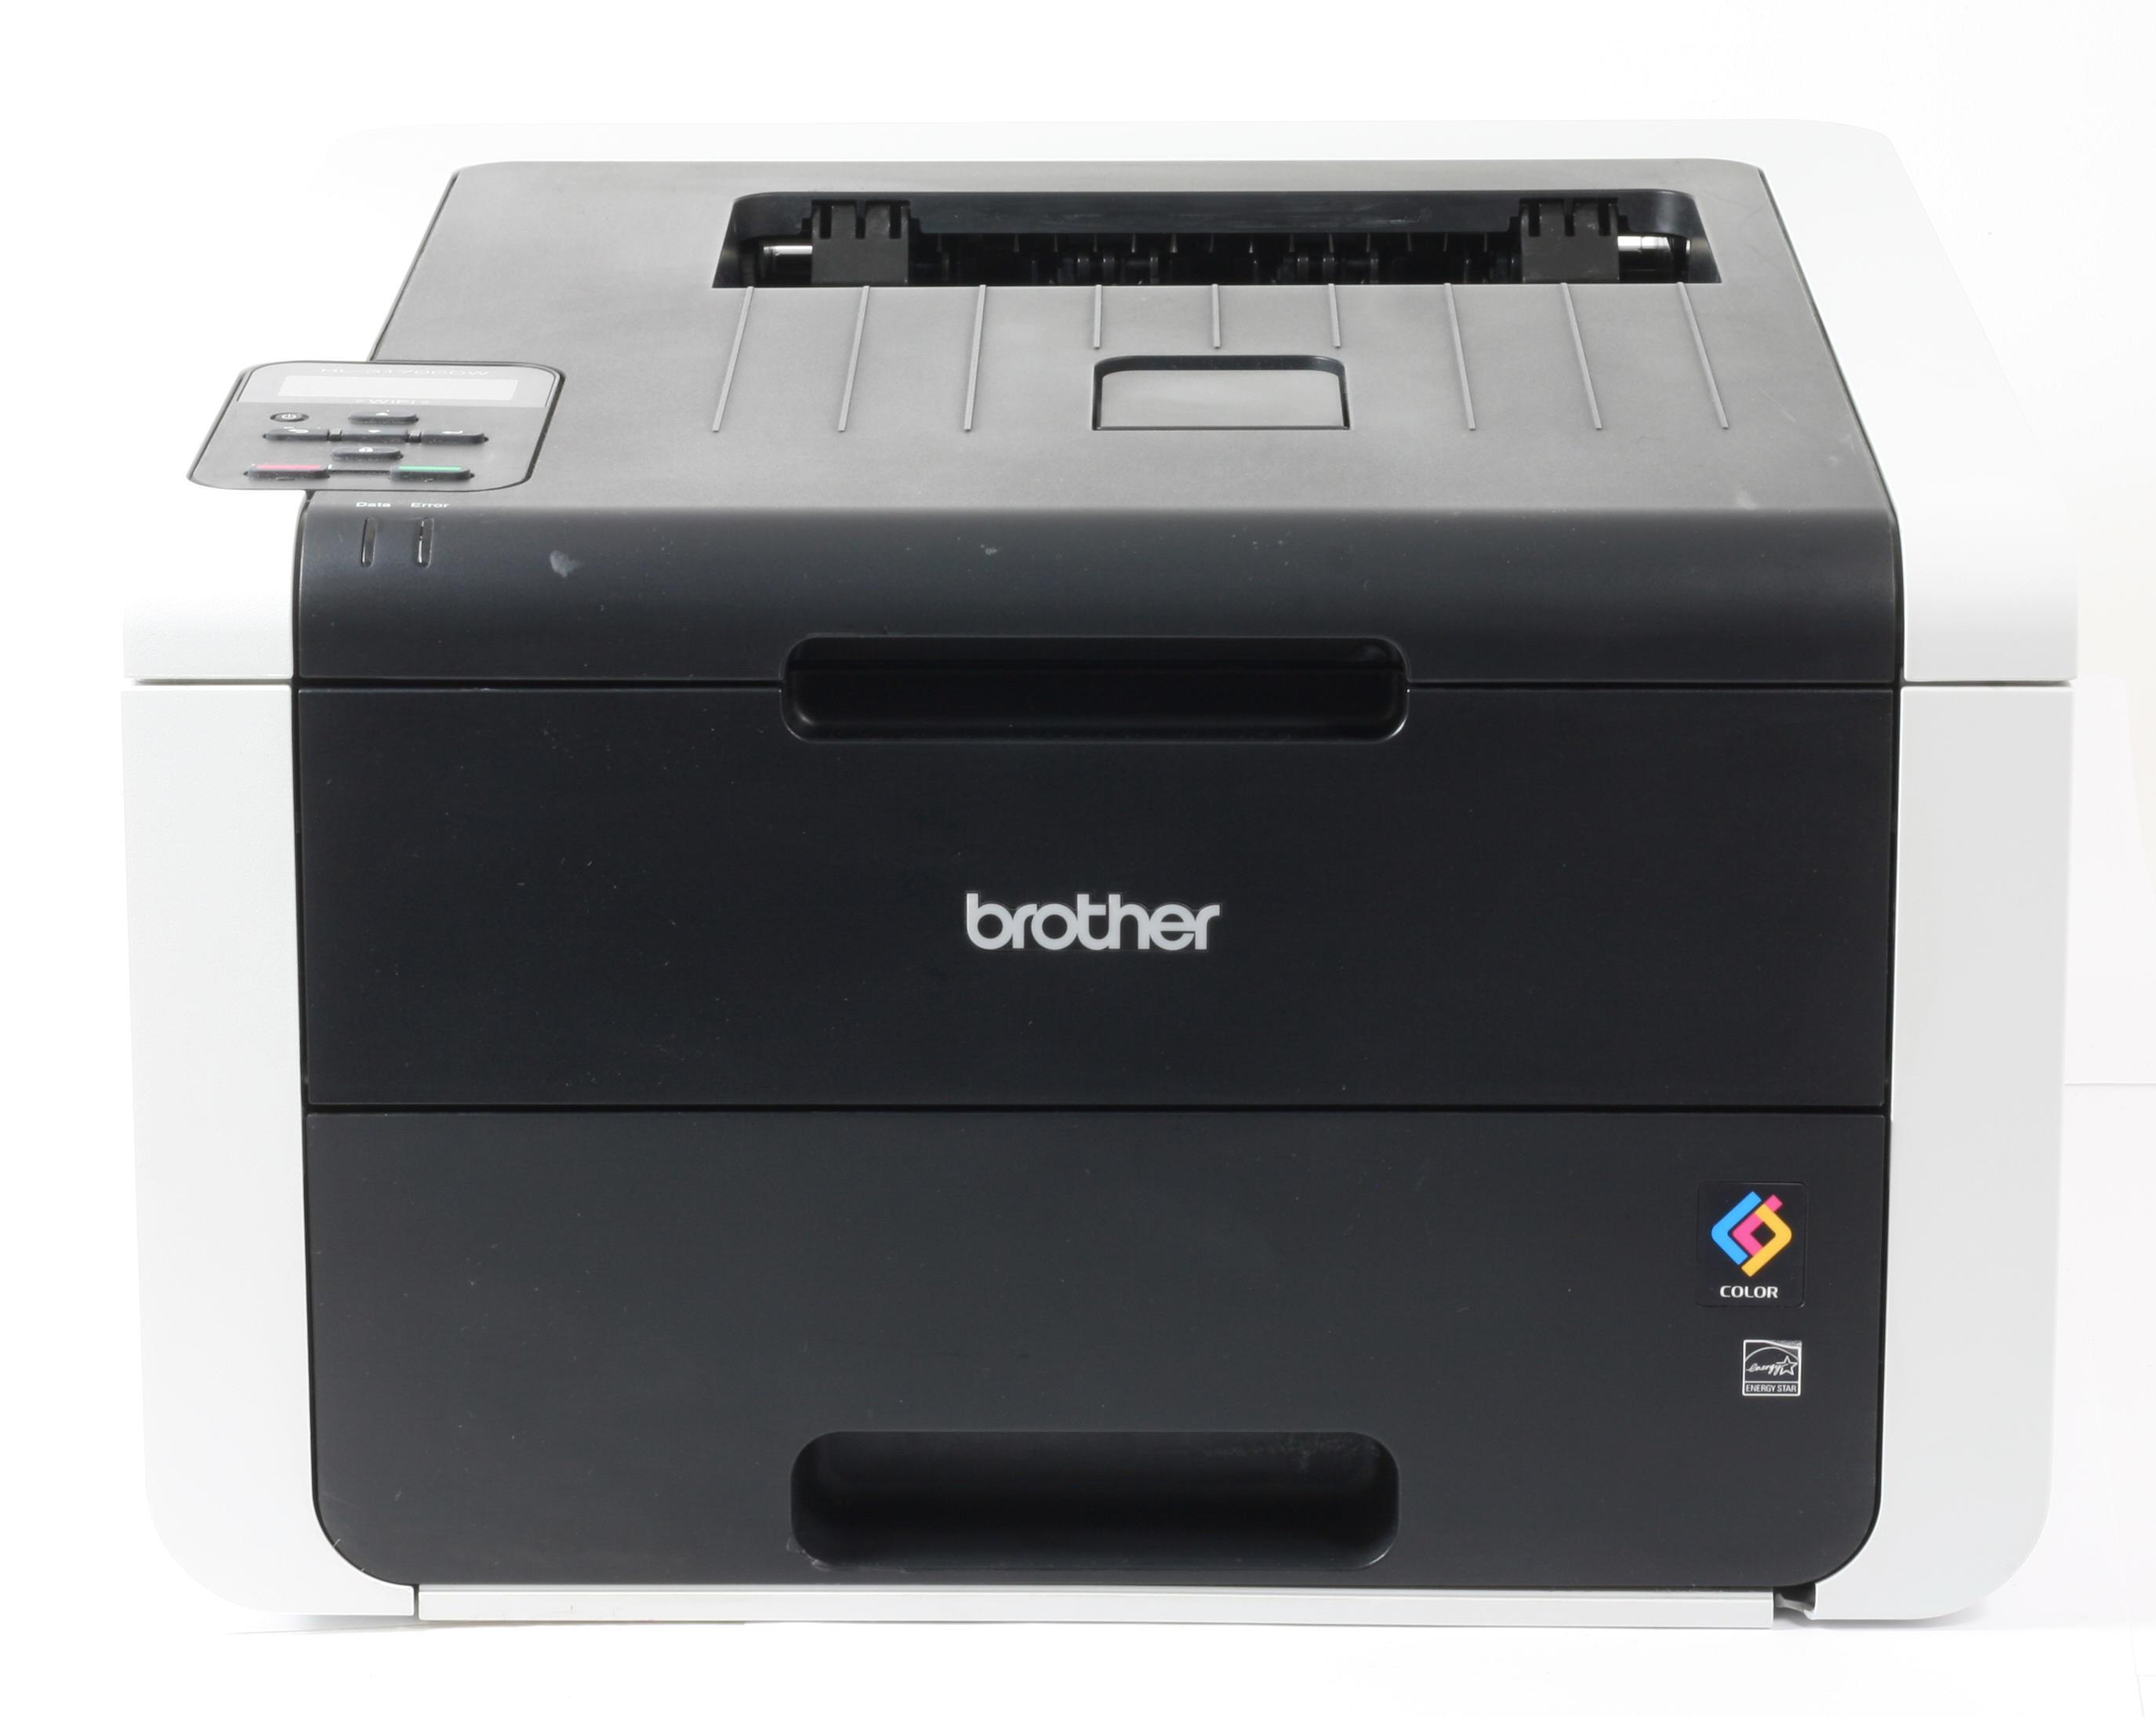 Brother Drucker HL-3170CDW Drucker WLAN WiFi Farblaserdrucker gebraucht unter 10.000 Seiten gedruckt